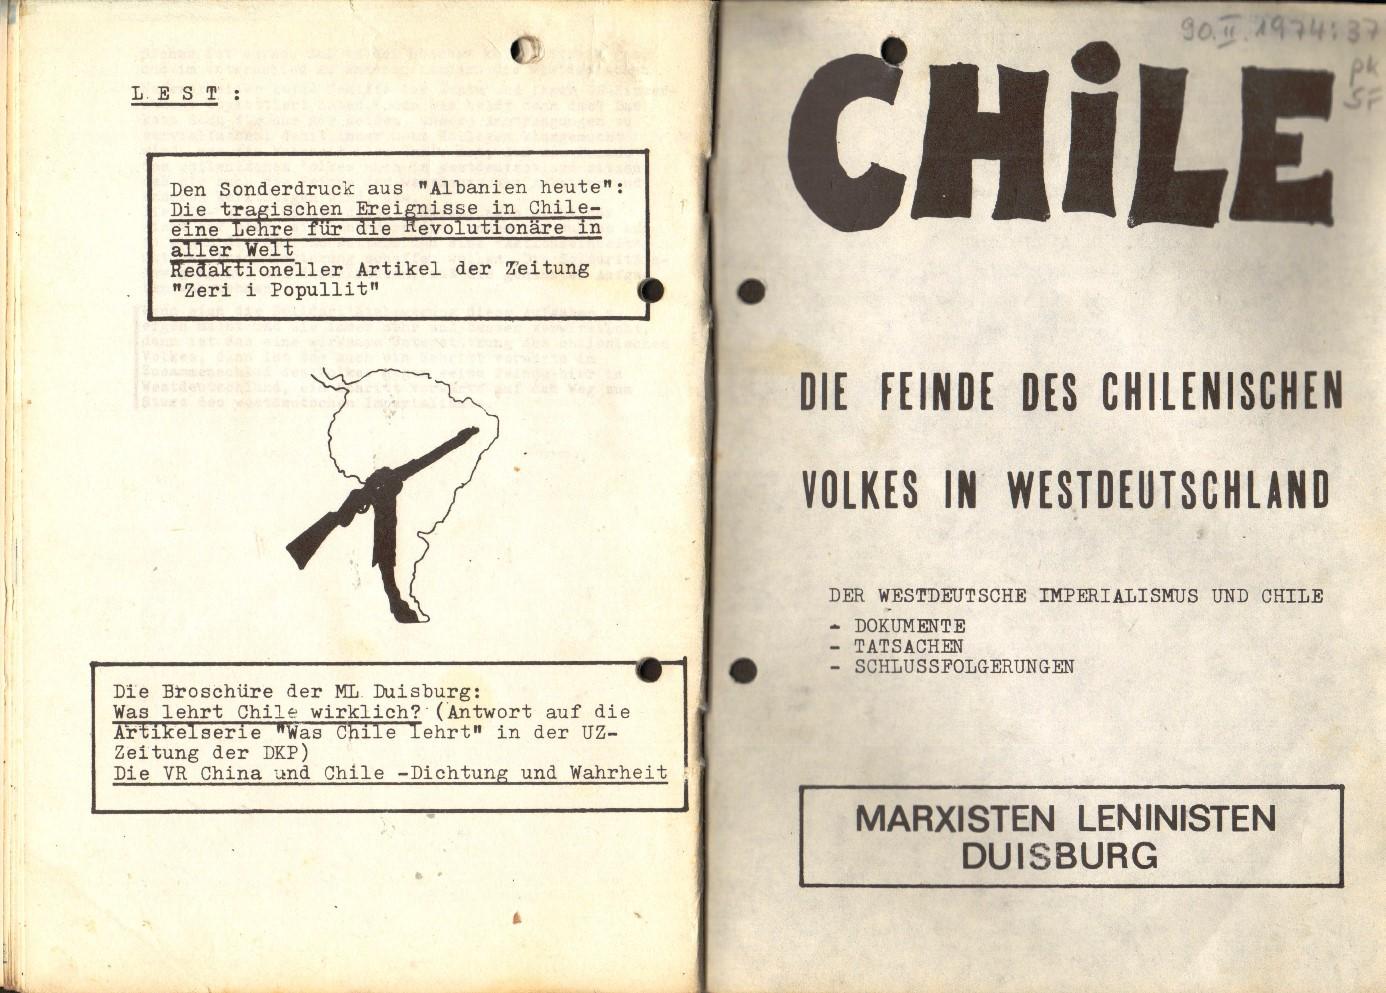 Duisburg_ML_1974_Die_Feinde_des_chilenischen_Volkes_01